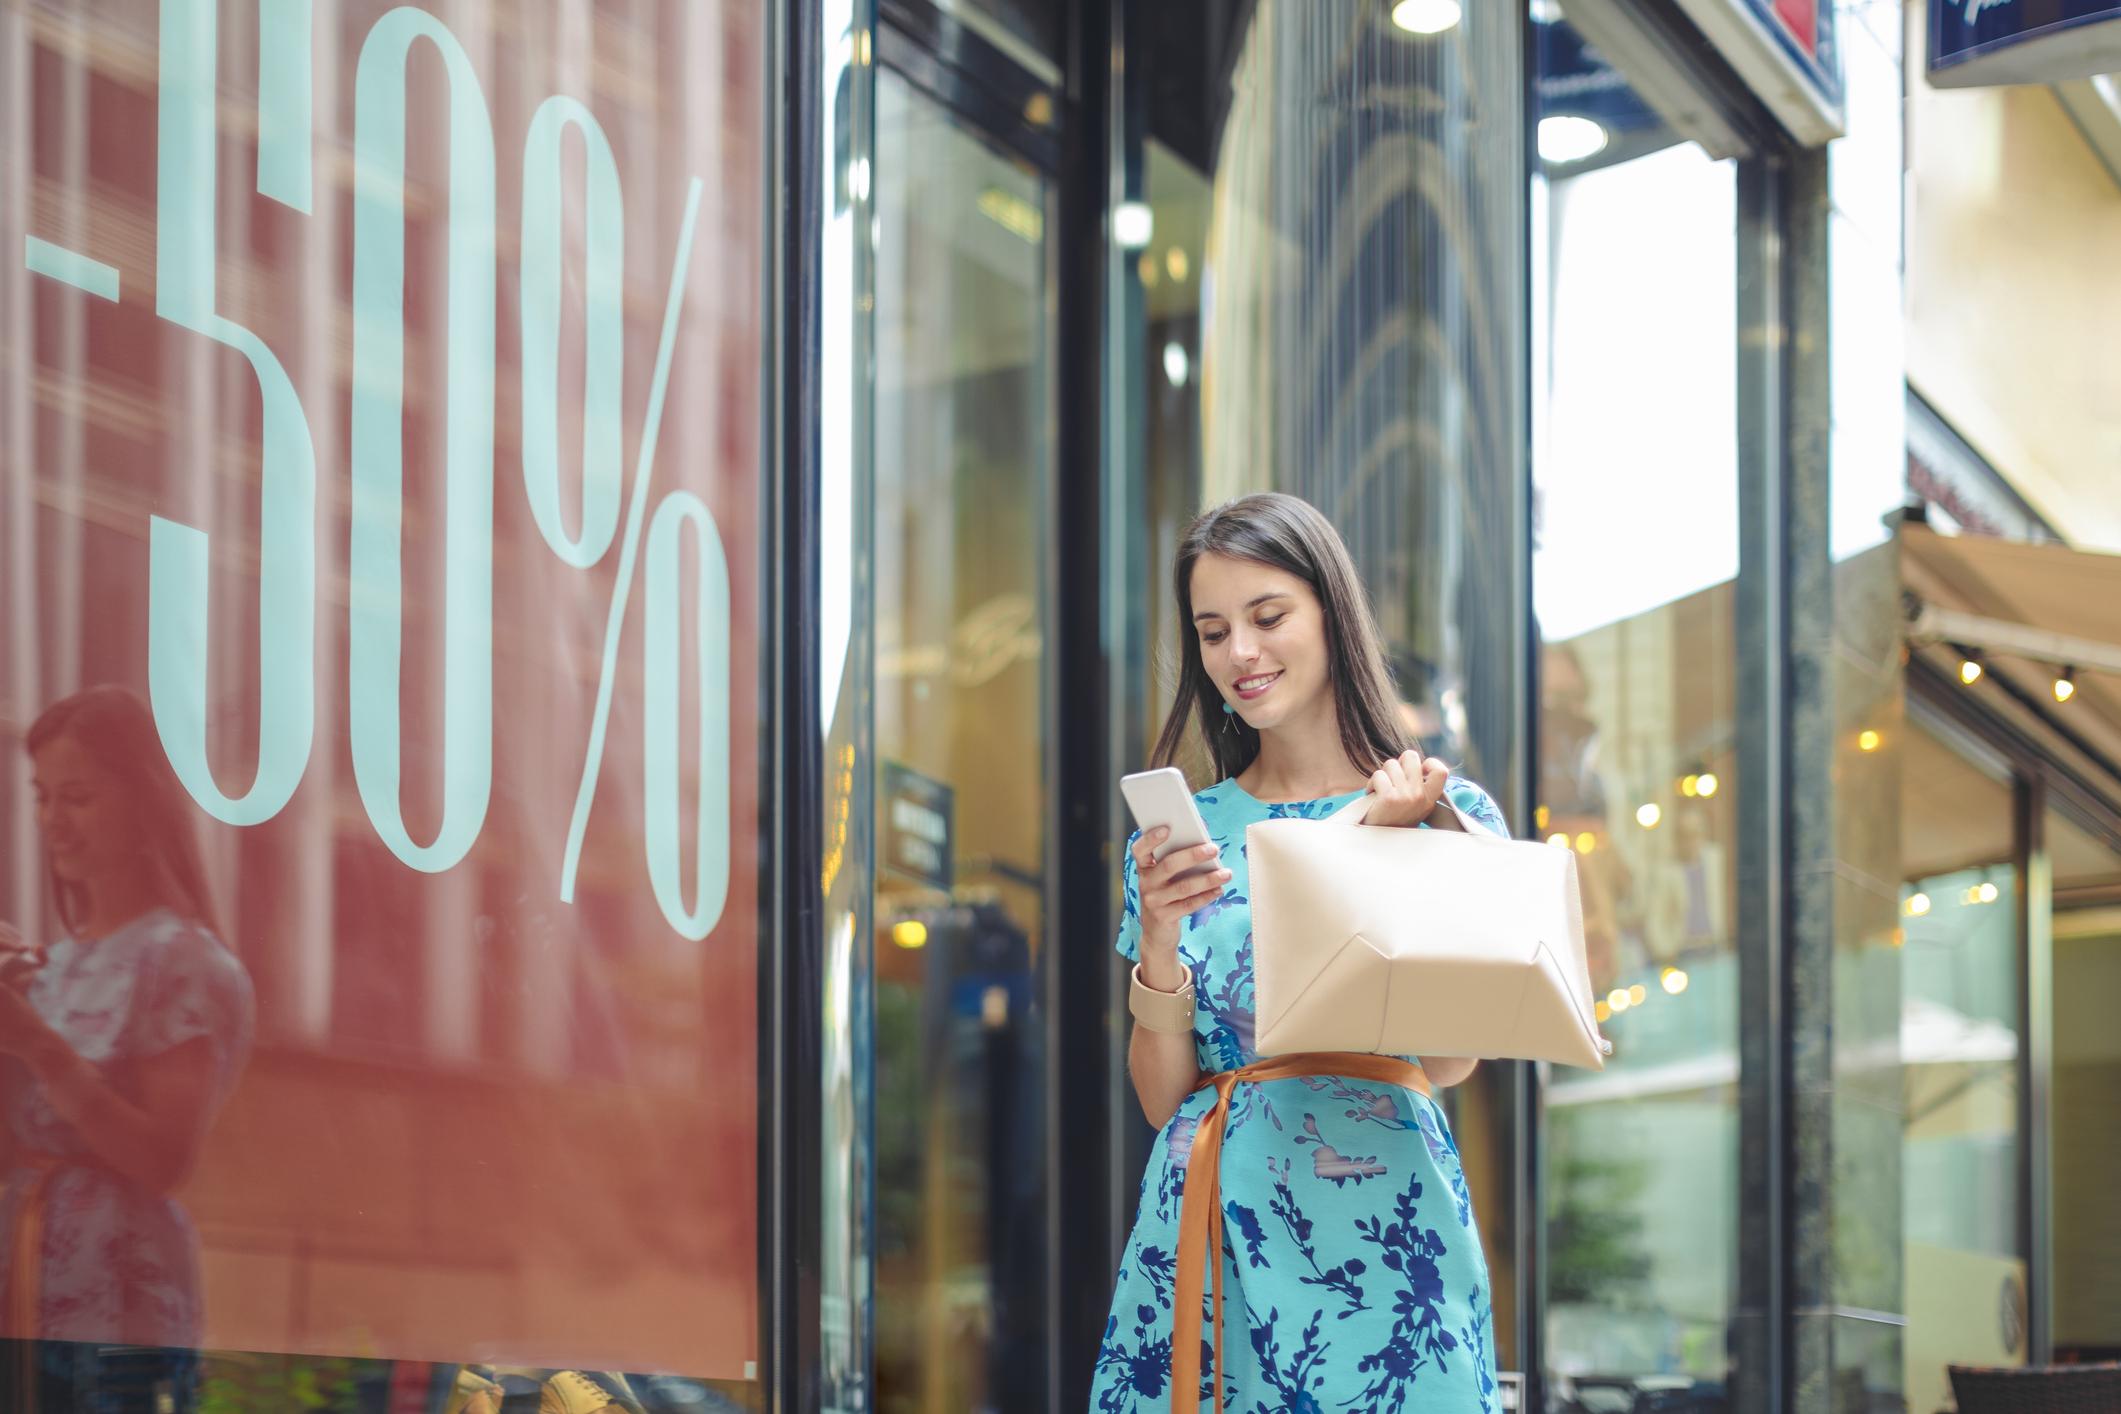 Saldos: como fazer as melhores compras